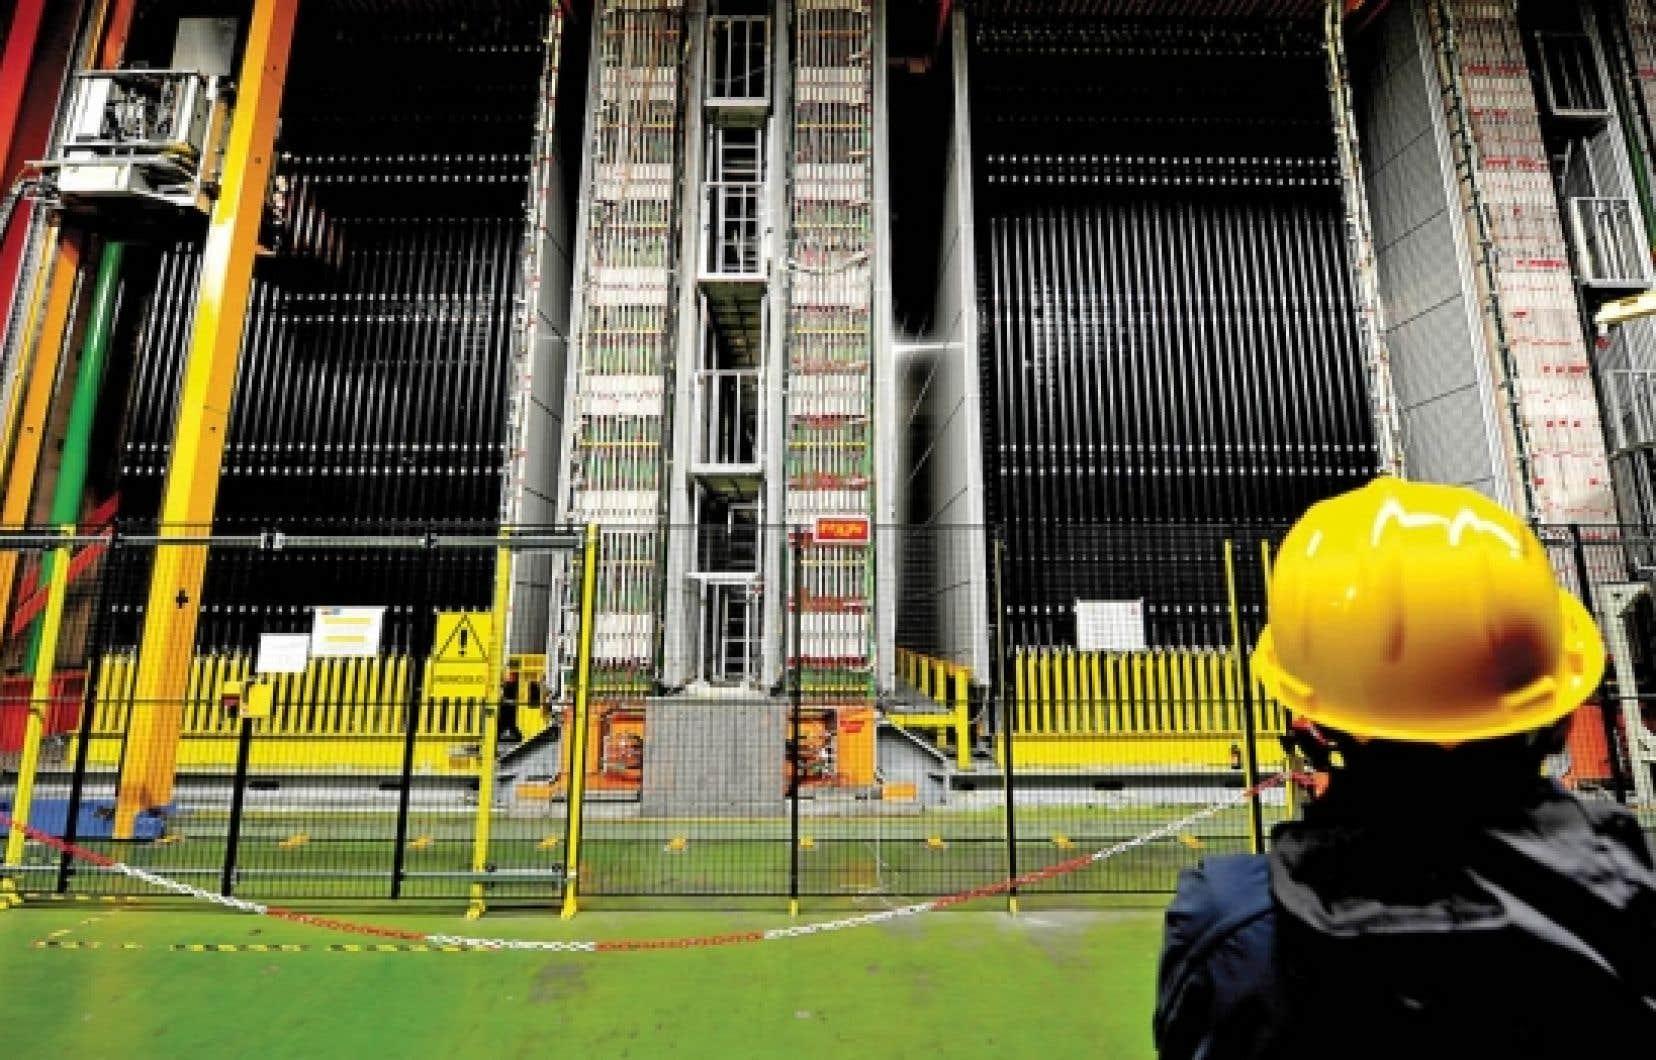 Le détecteur de neutrinos du Laboratoire de Gran Sasso, en Italie. L'engin de 1800 tonnes a capté le faisceau de neutrinos en provenance du CERN circulant à une vitesse supérieure à celle de la lumière.